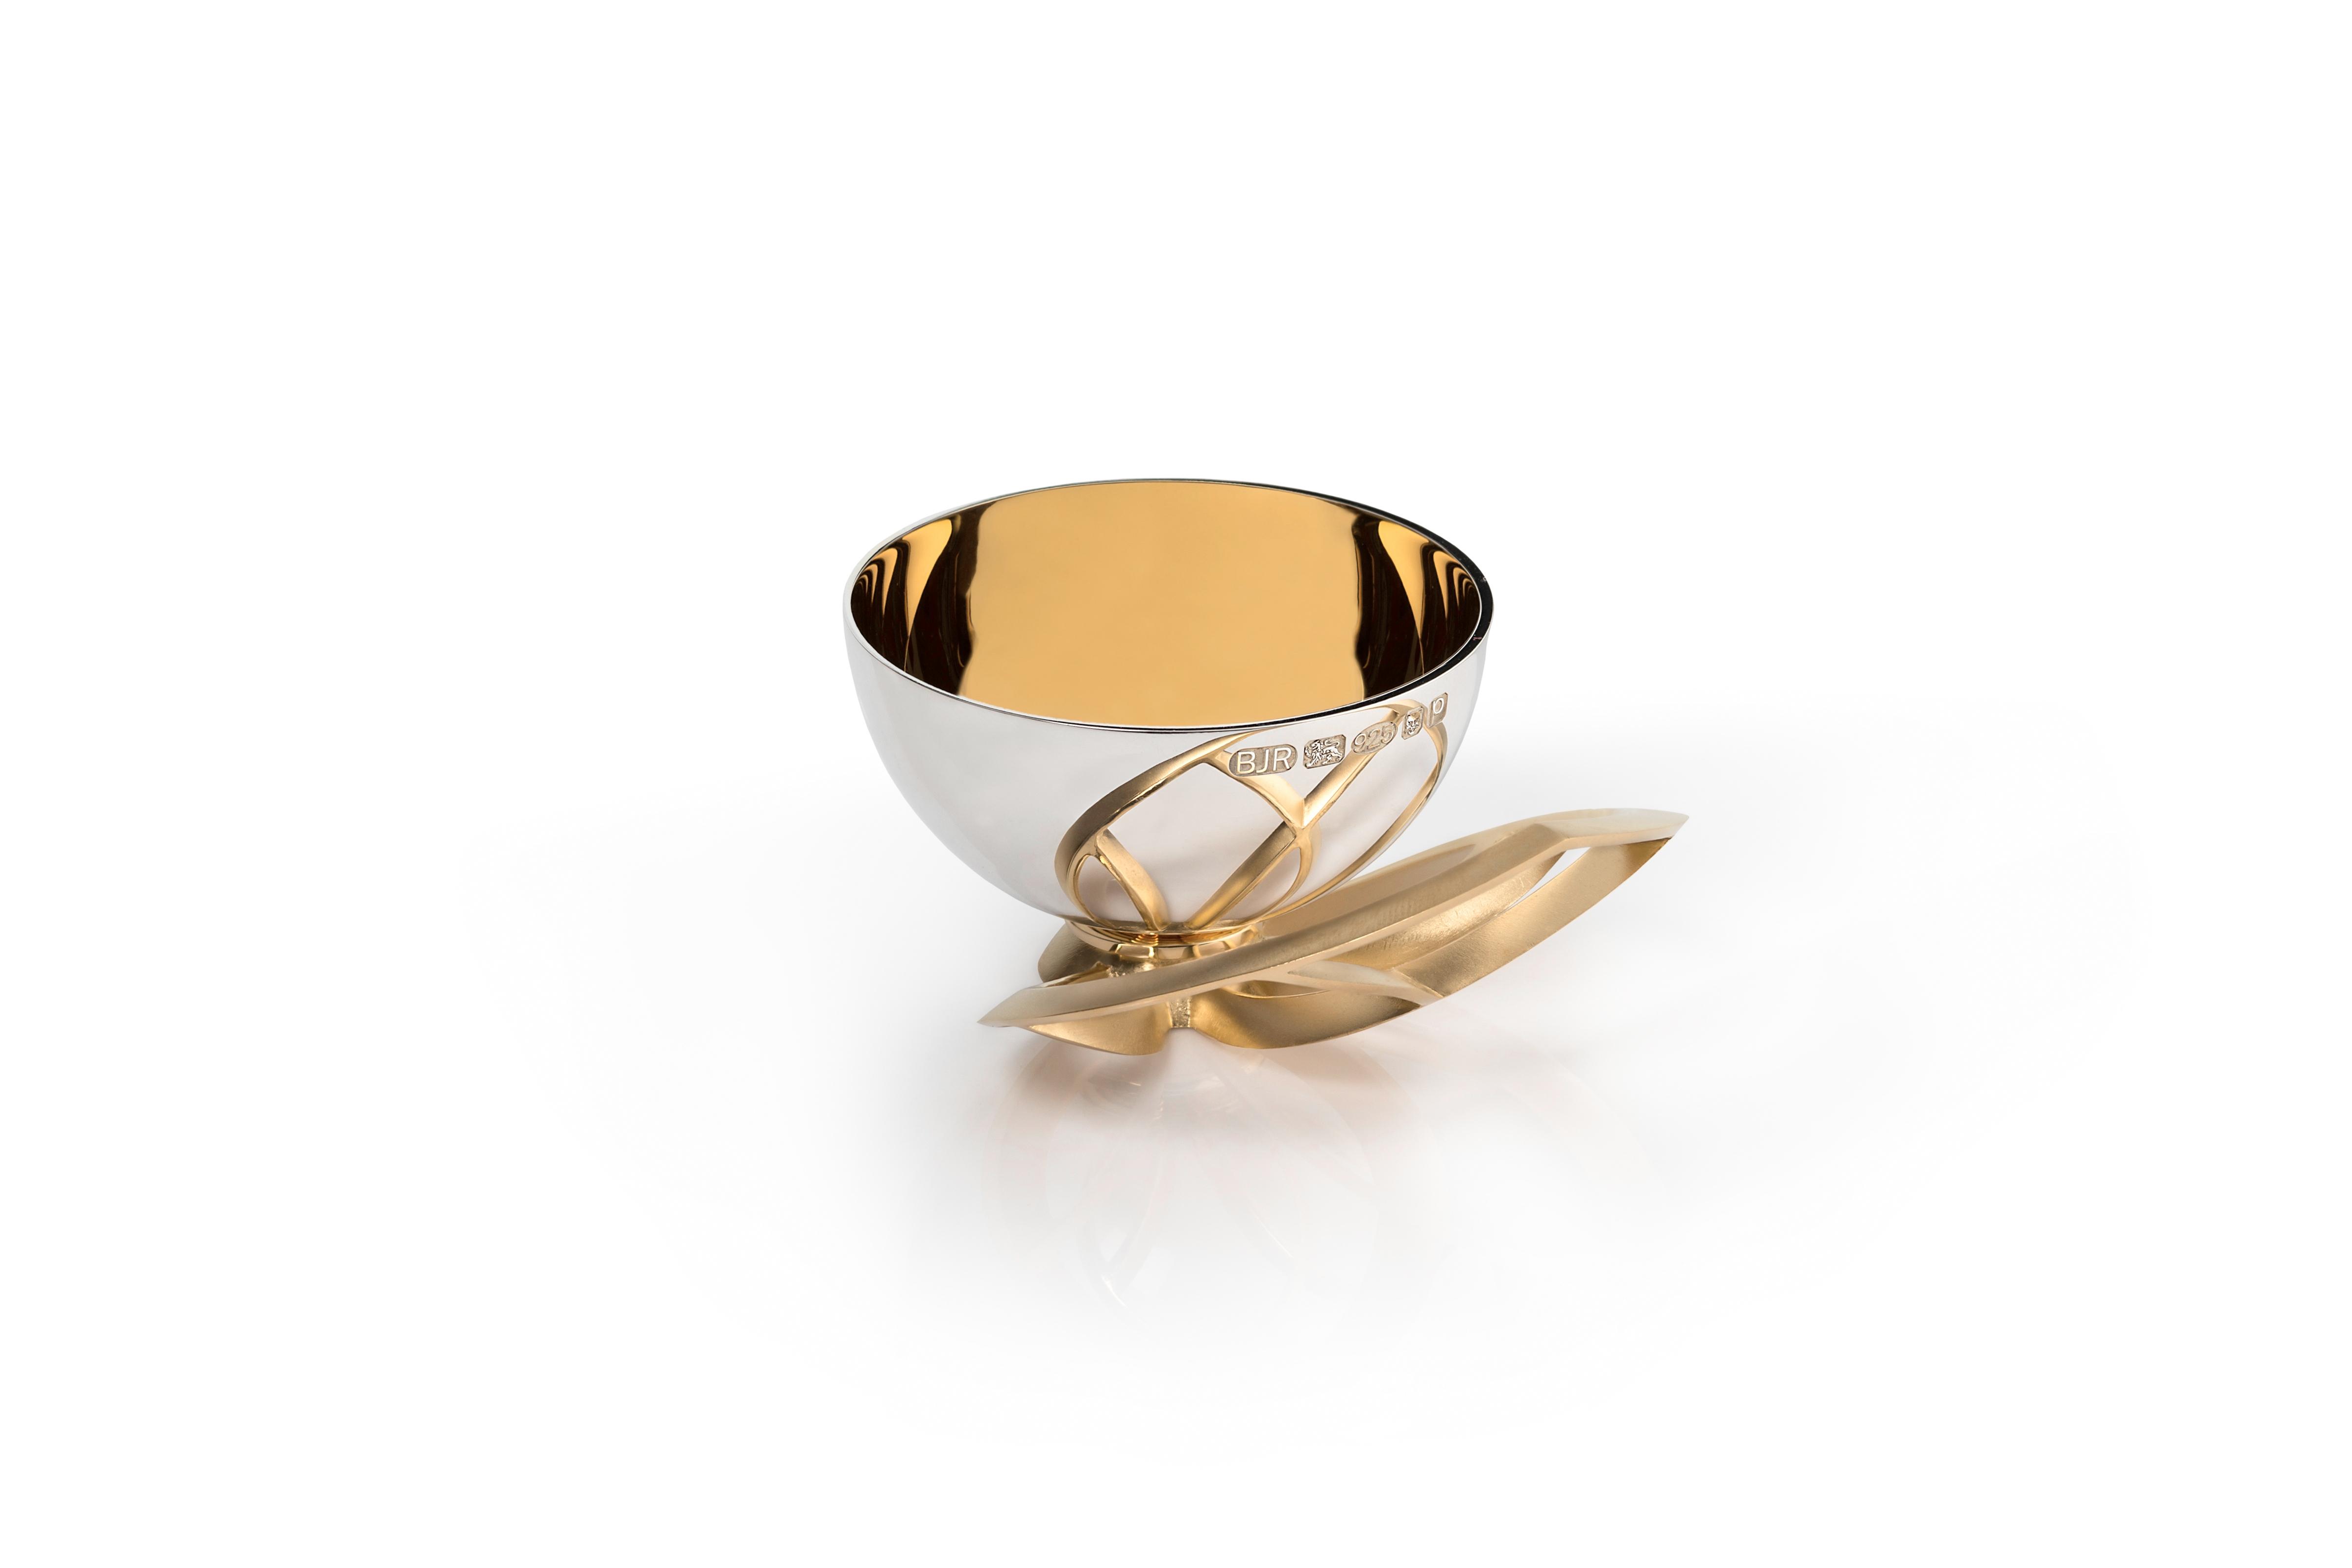 Luxus Pinch Pot Leaf Design – Copyright BJRdesigns